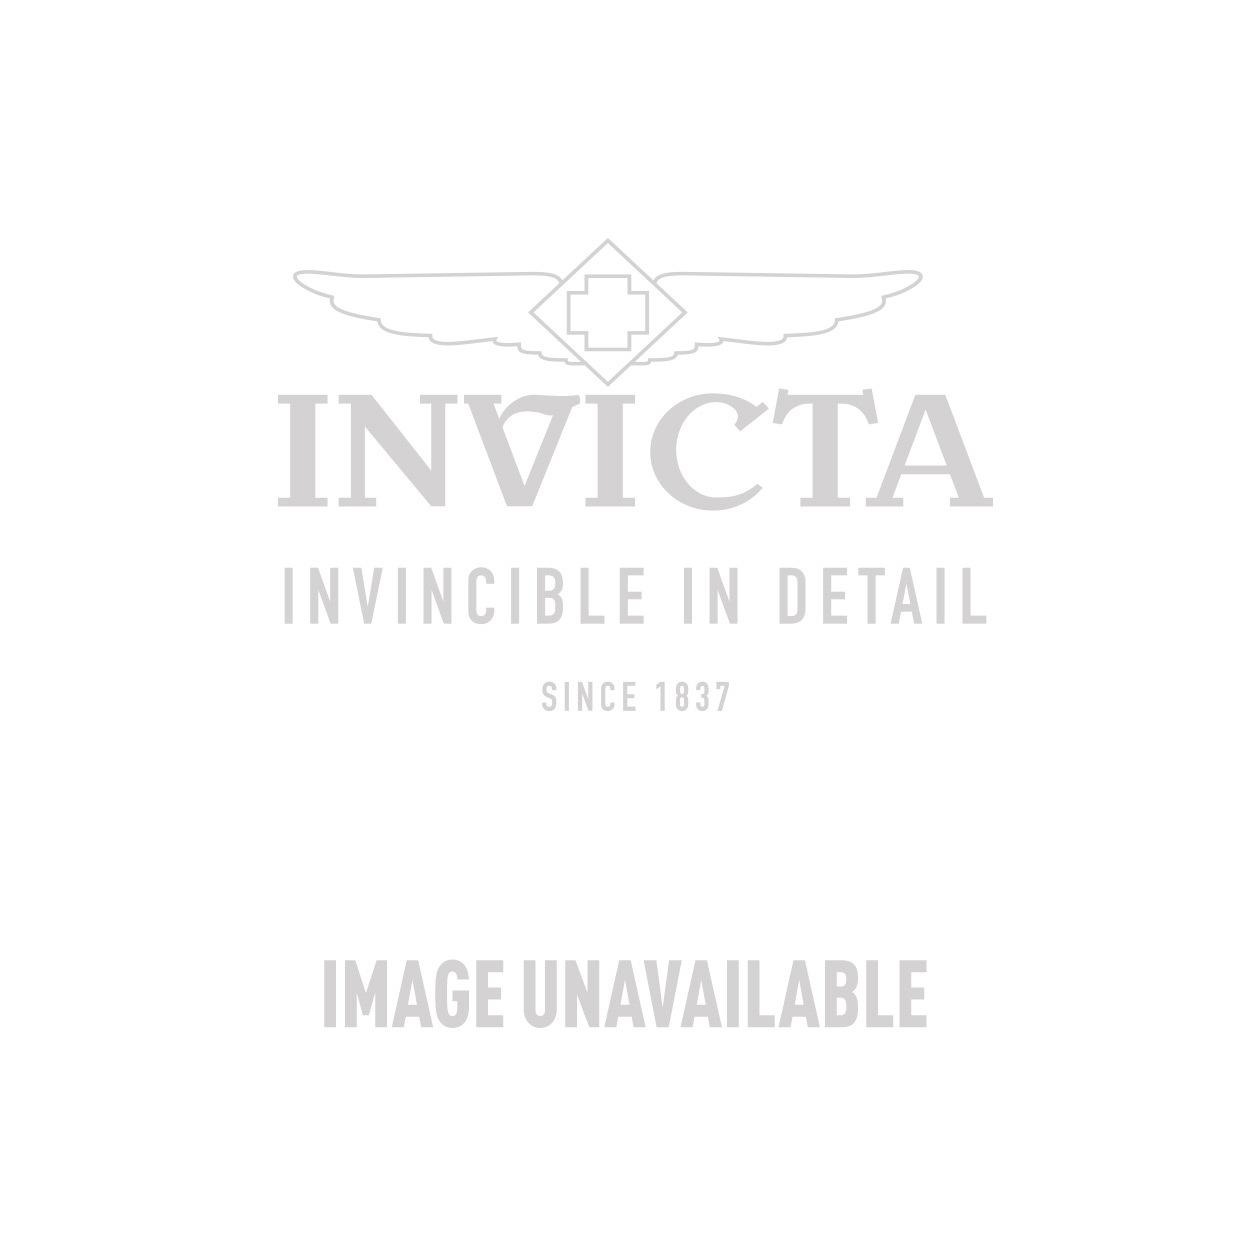 Invicta Model 25023